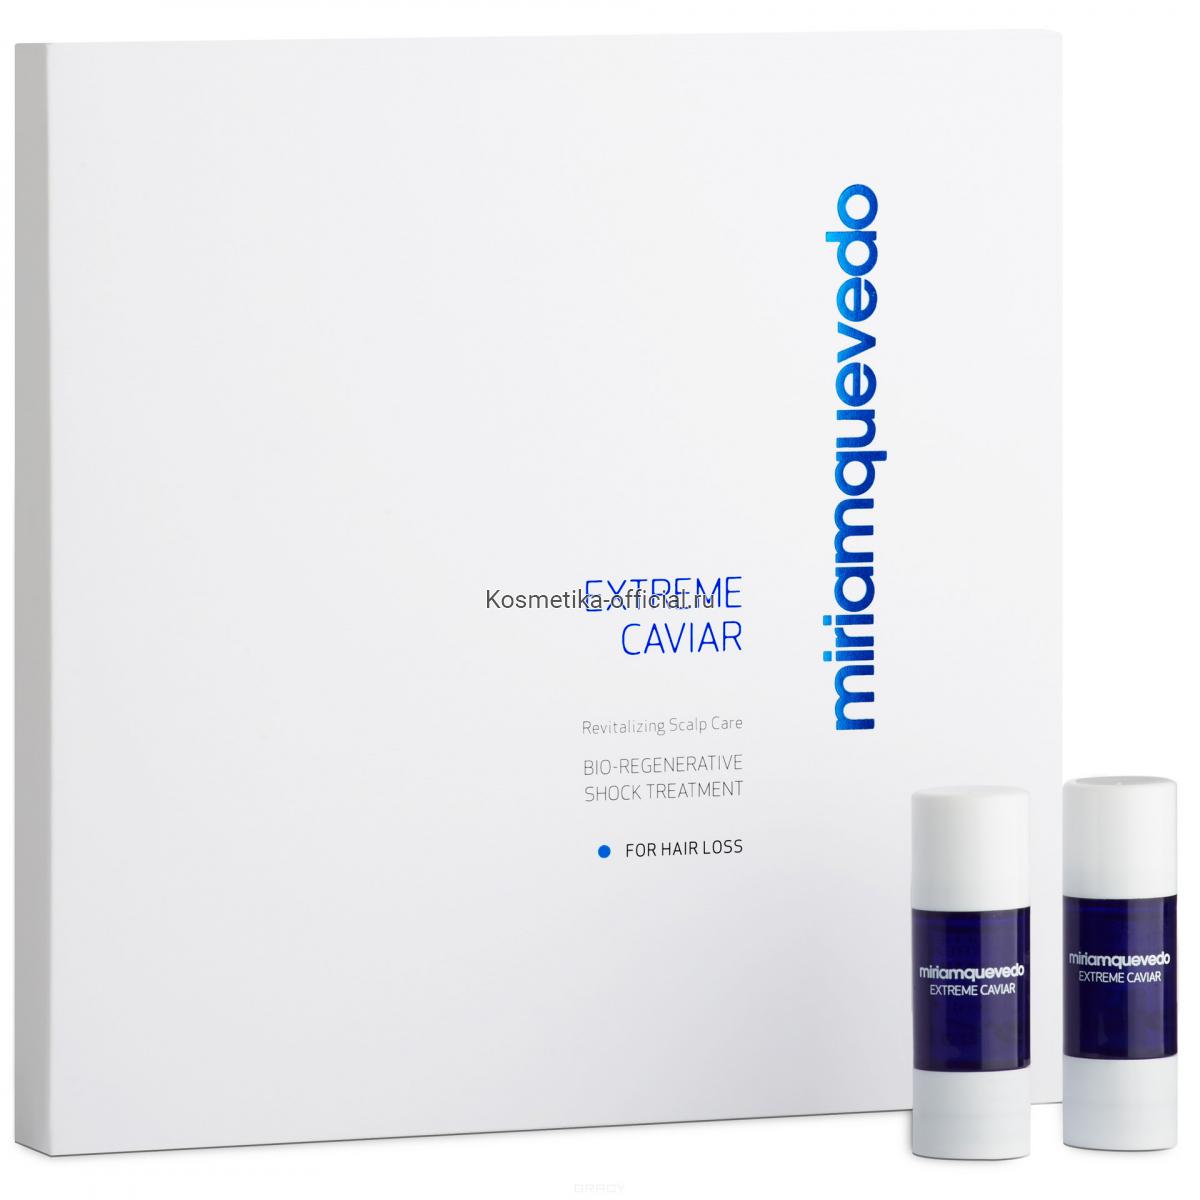 Биовосстанавливающая сыворотка против выпадения волос Extreme Caviar Bio-Regenerative Shock Treatment for Hair Loss 10х10 мл